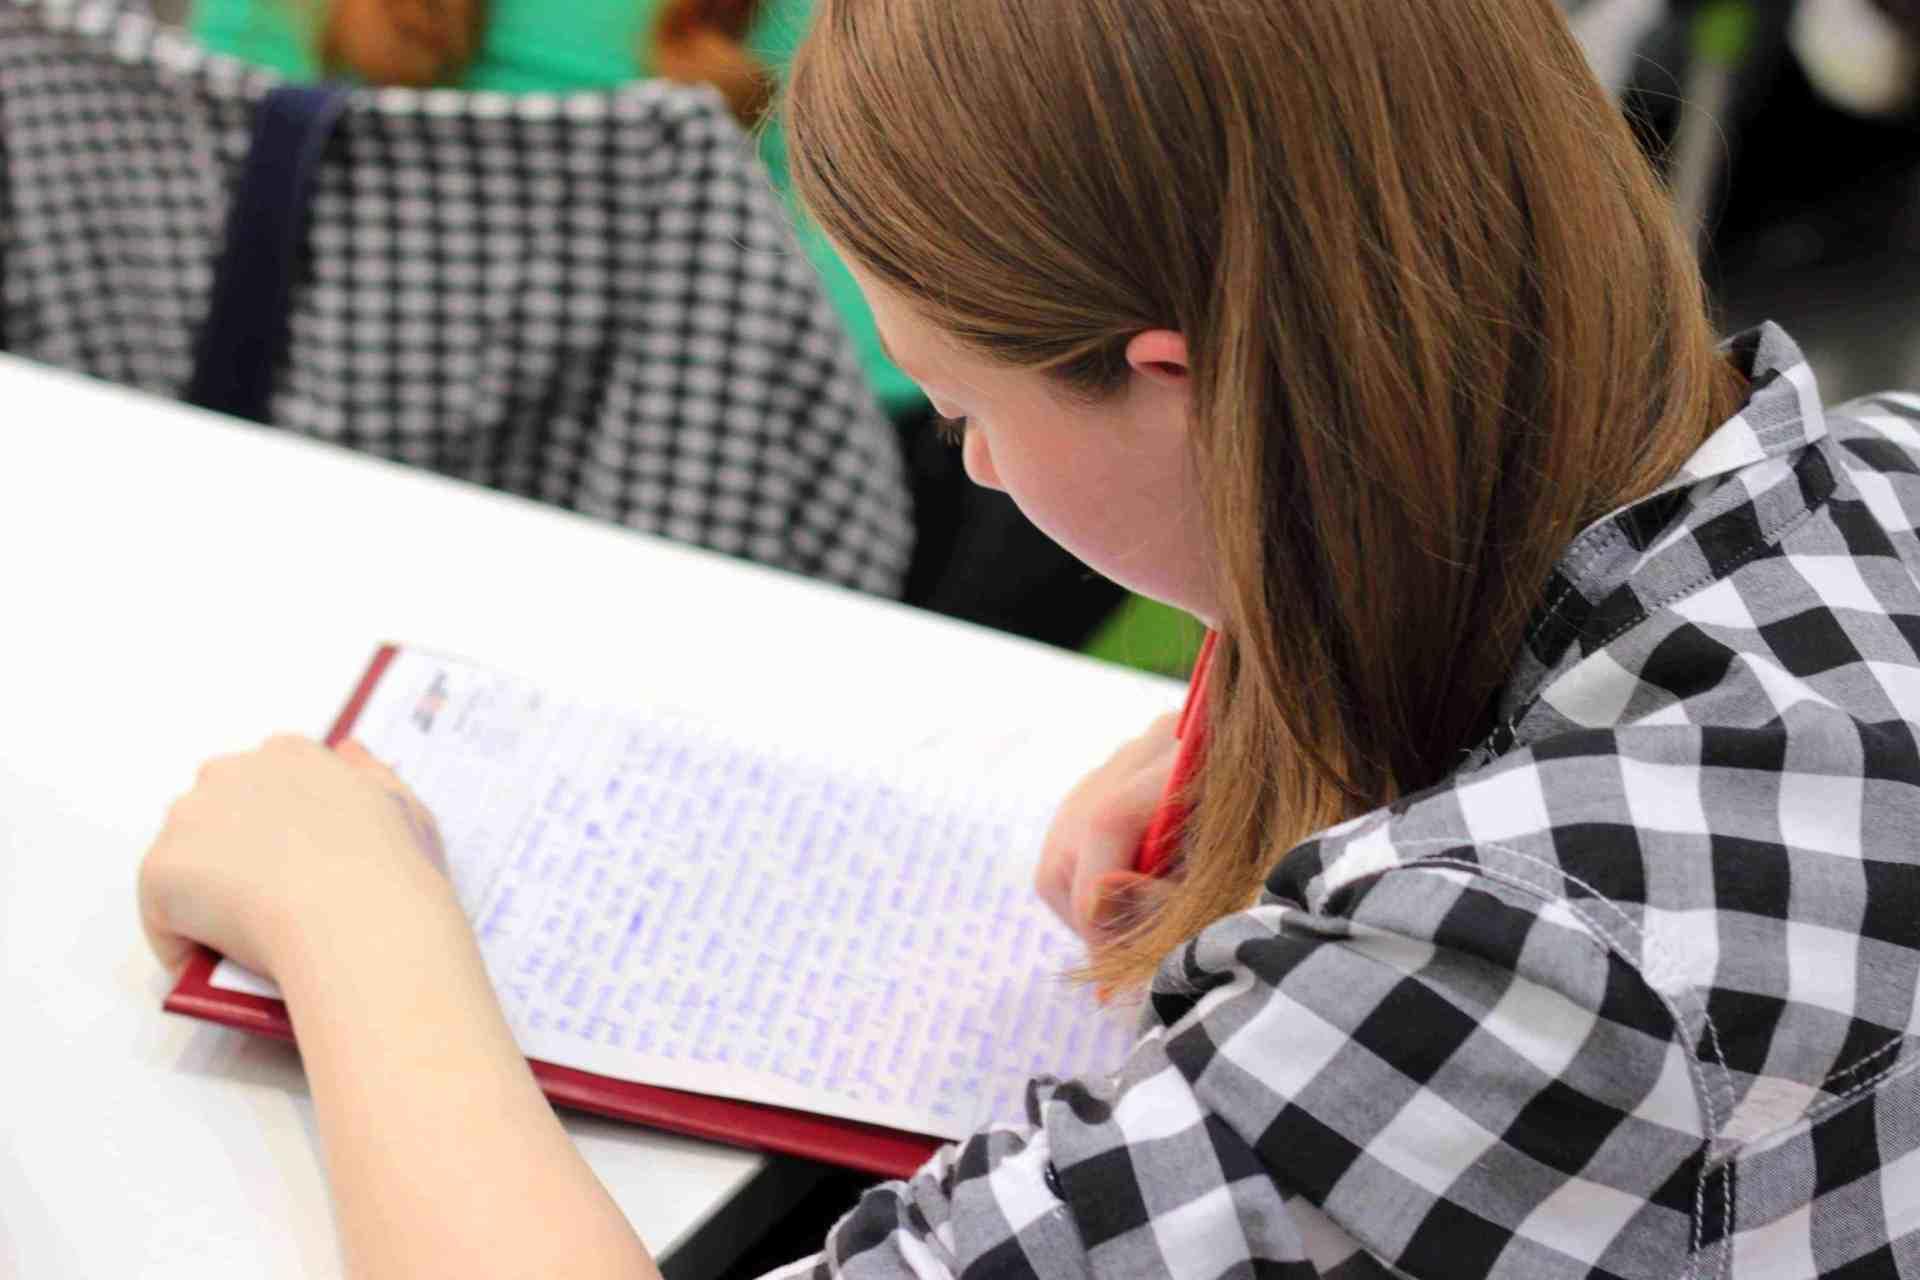 Fată care scrie.